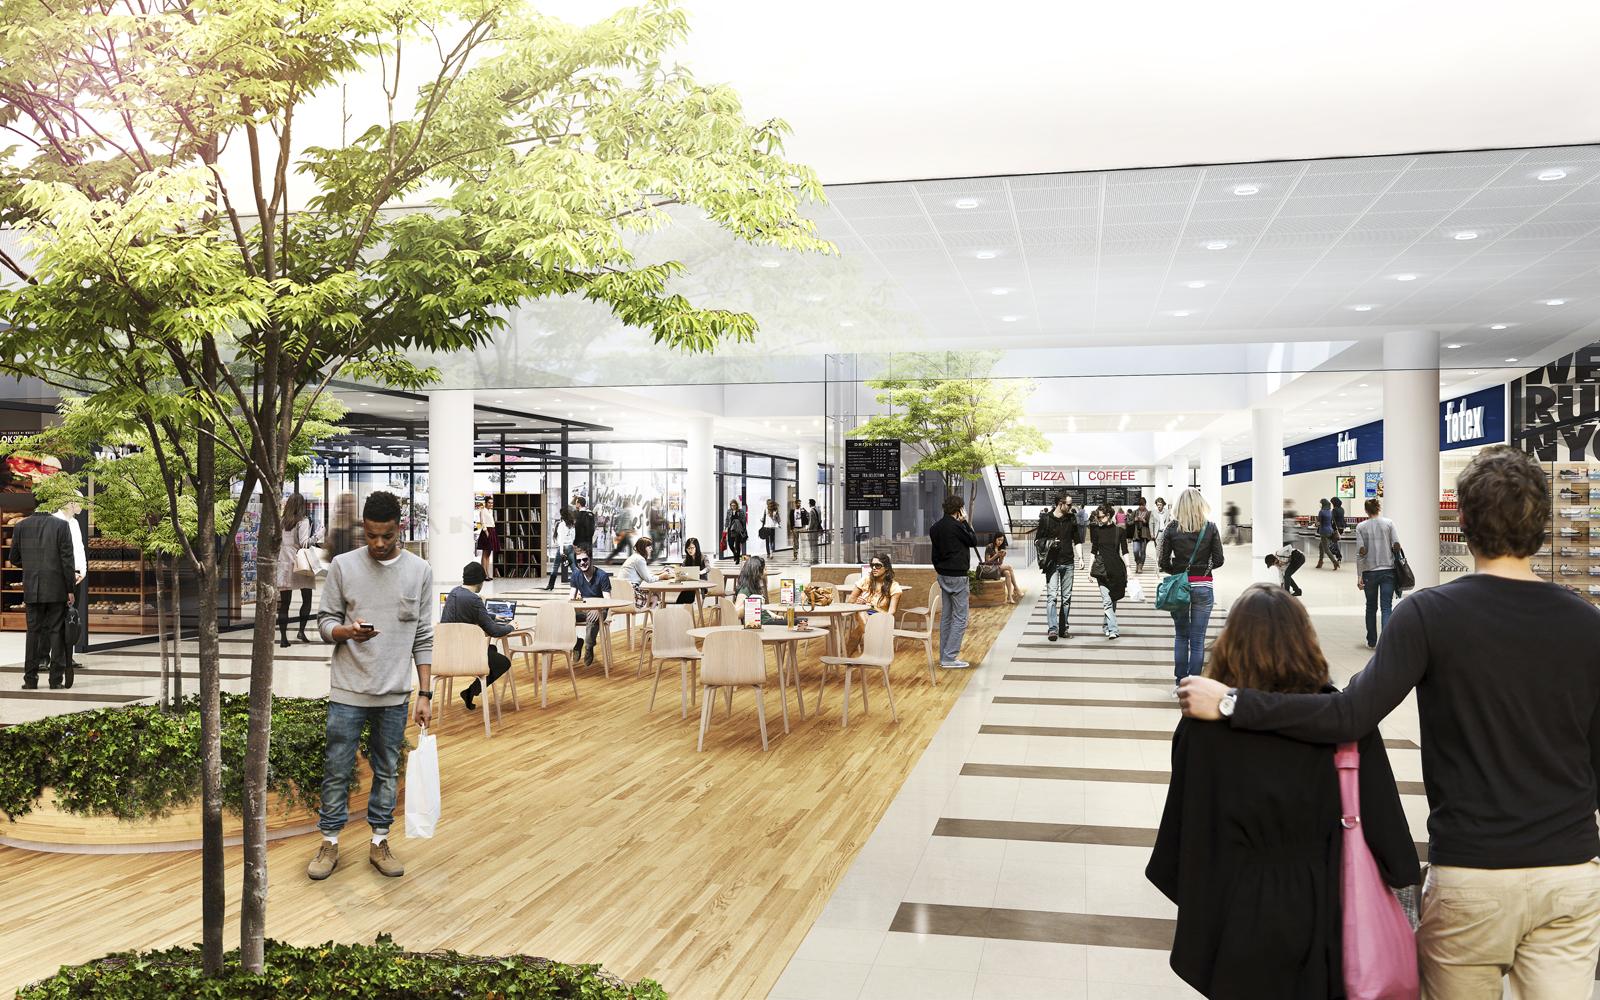 Rødovre Centrum Tæt På Udsolgt I Ny Udvidelse Retailnews